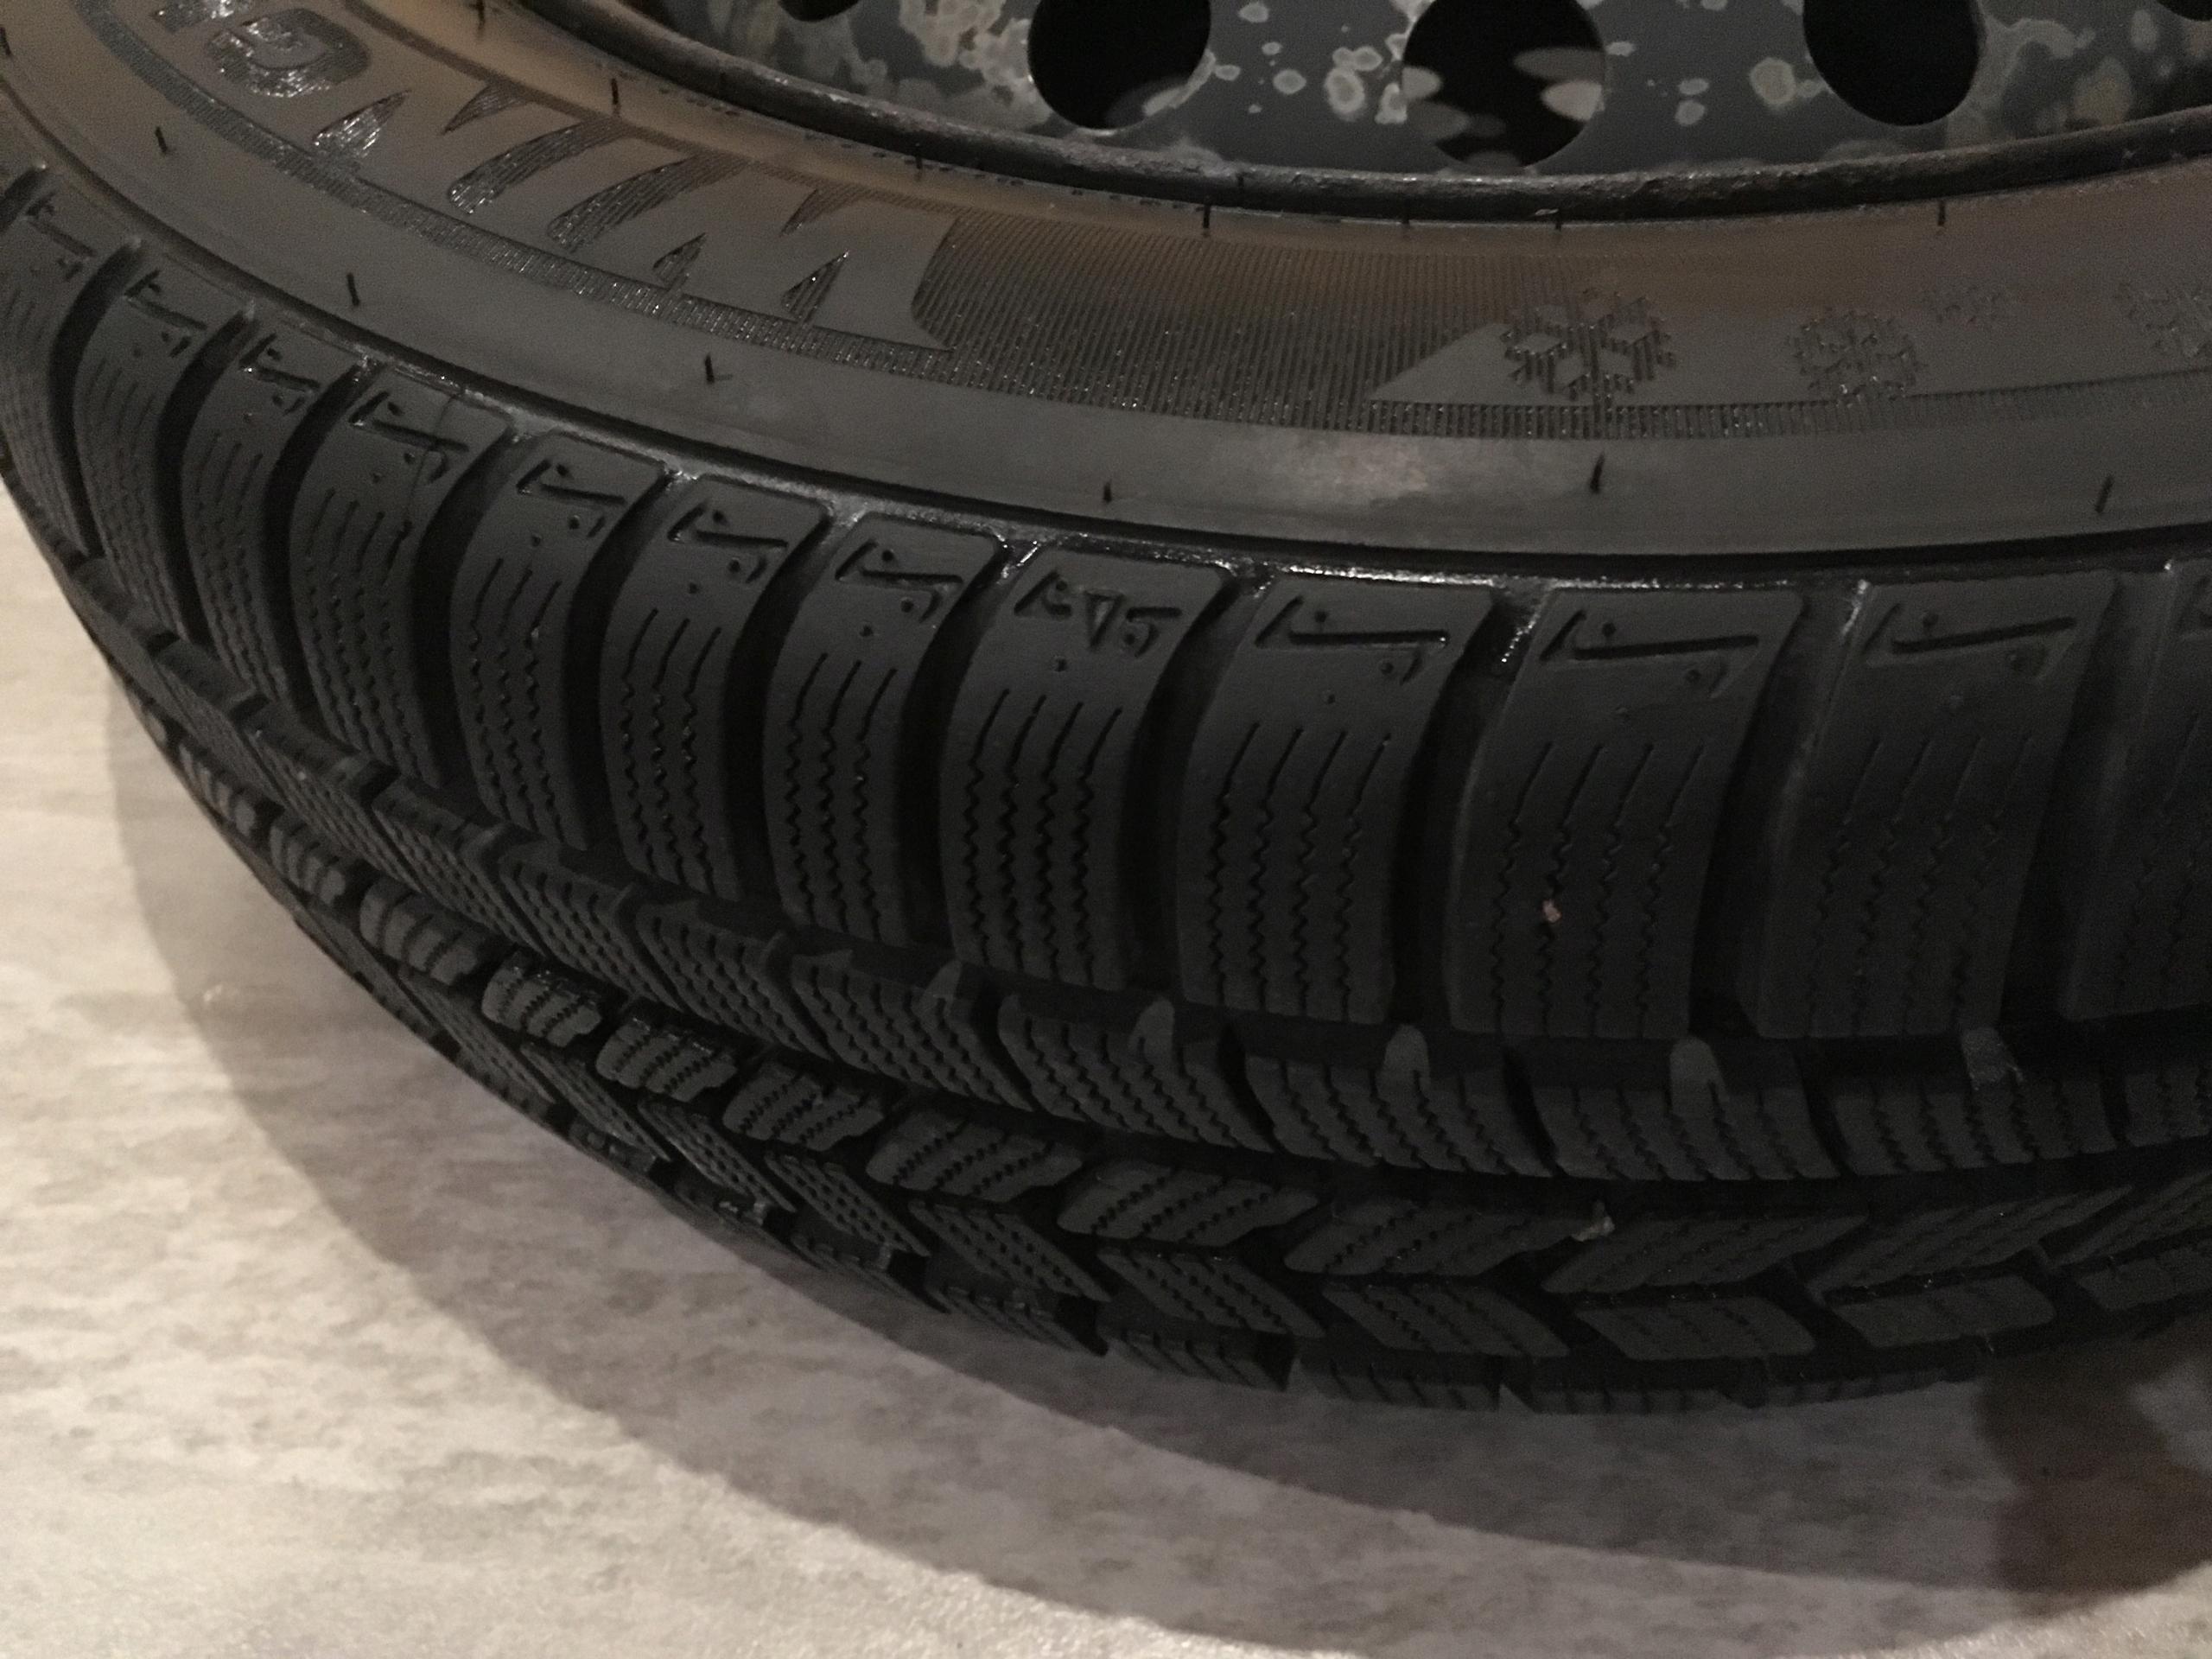 Koła Opony Zimowe Nexen 1856015 Suzuki Swift 7728374754